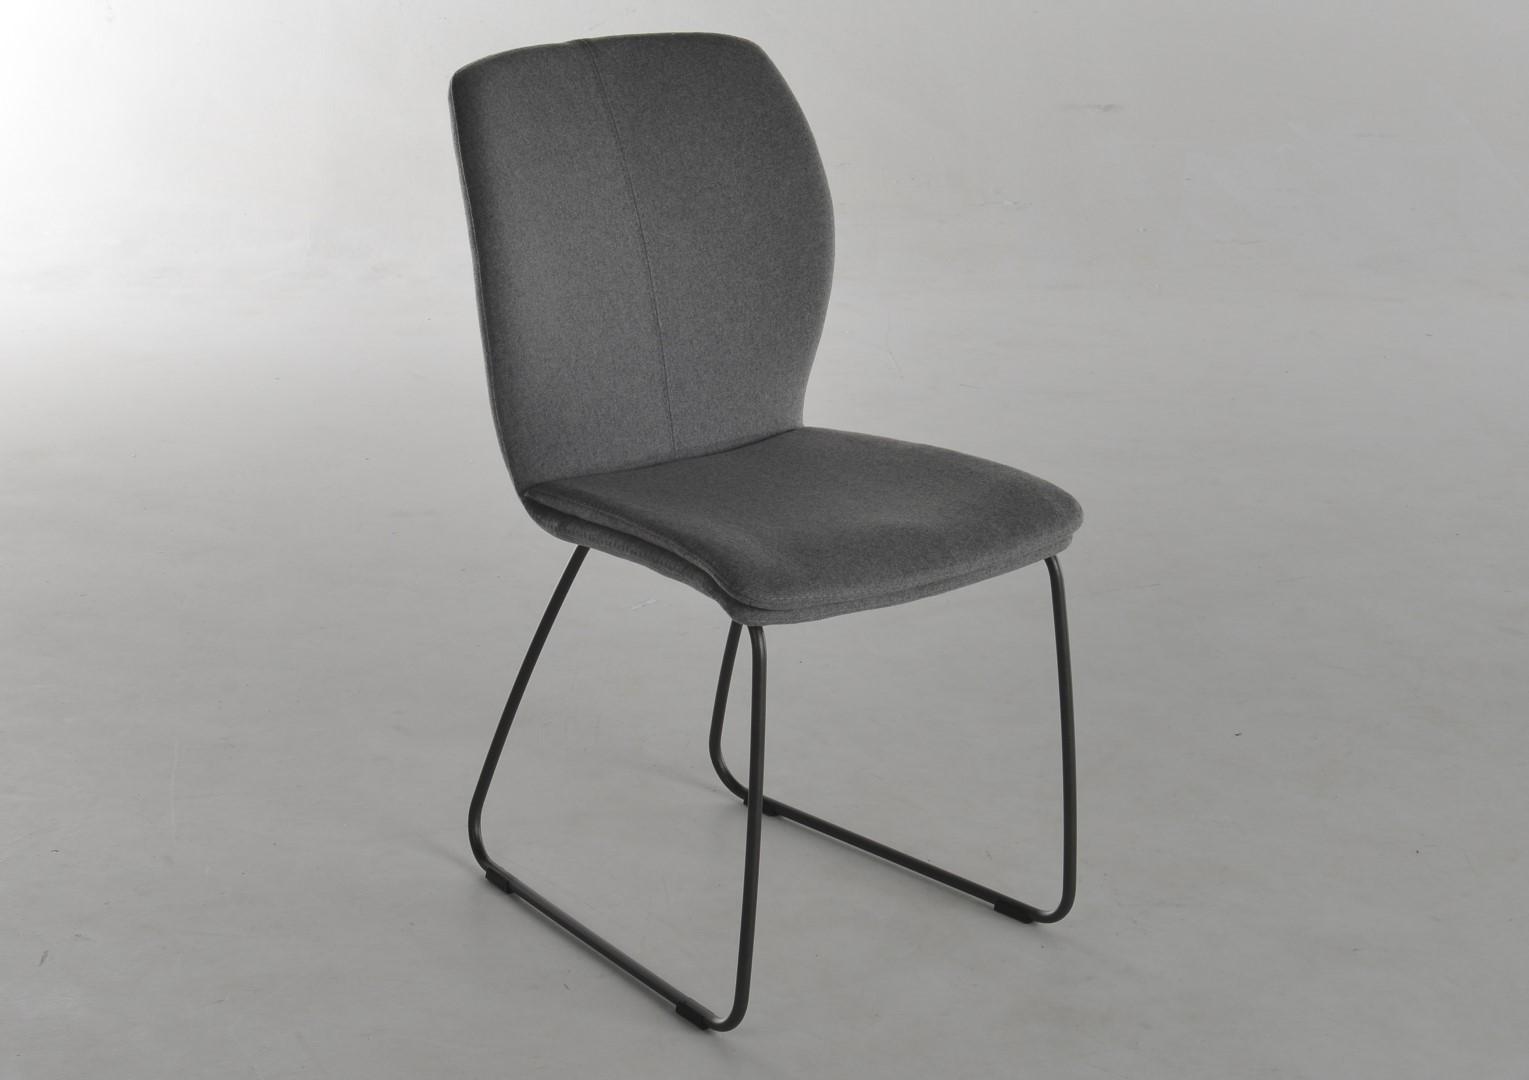 nada eetkamerstoel bert plantagie outlet. Black Bedroom Furniture Sets. Home Design Ideas